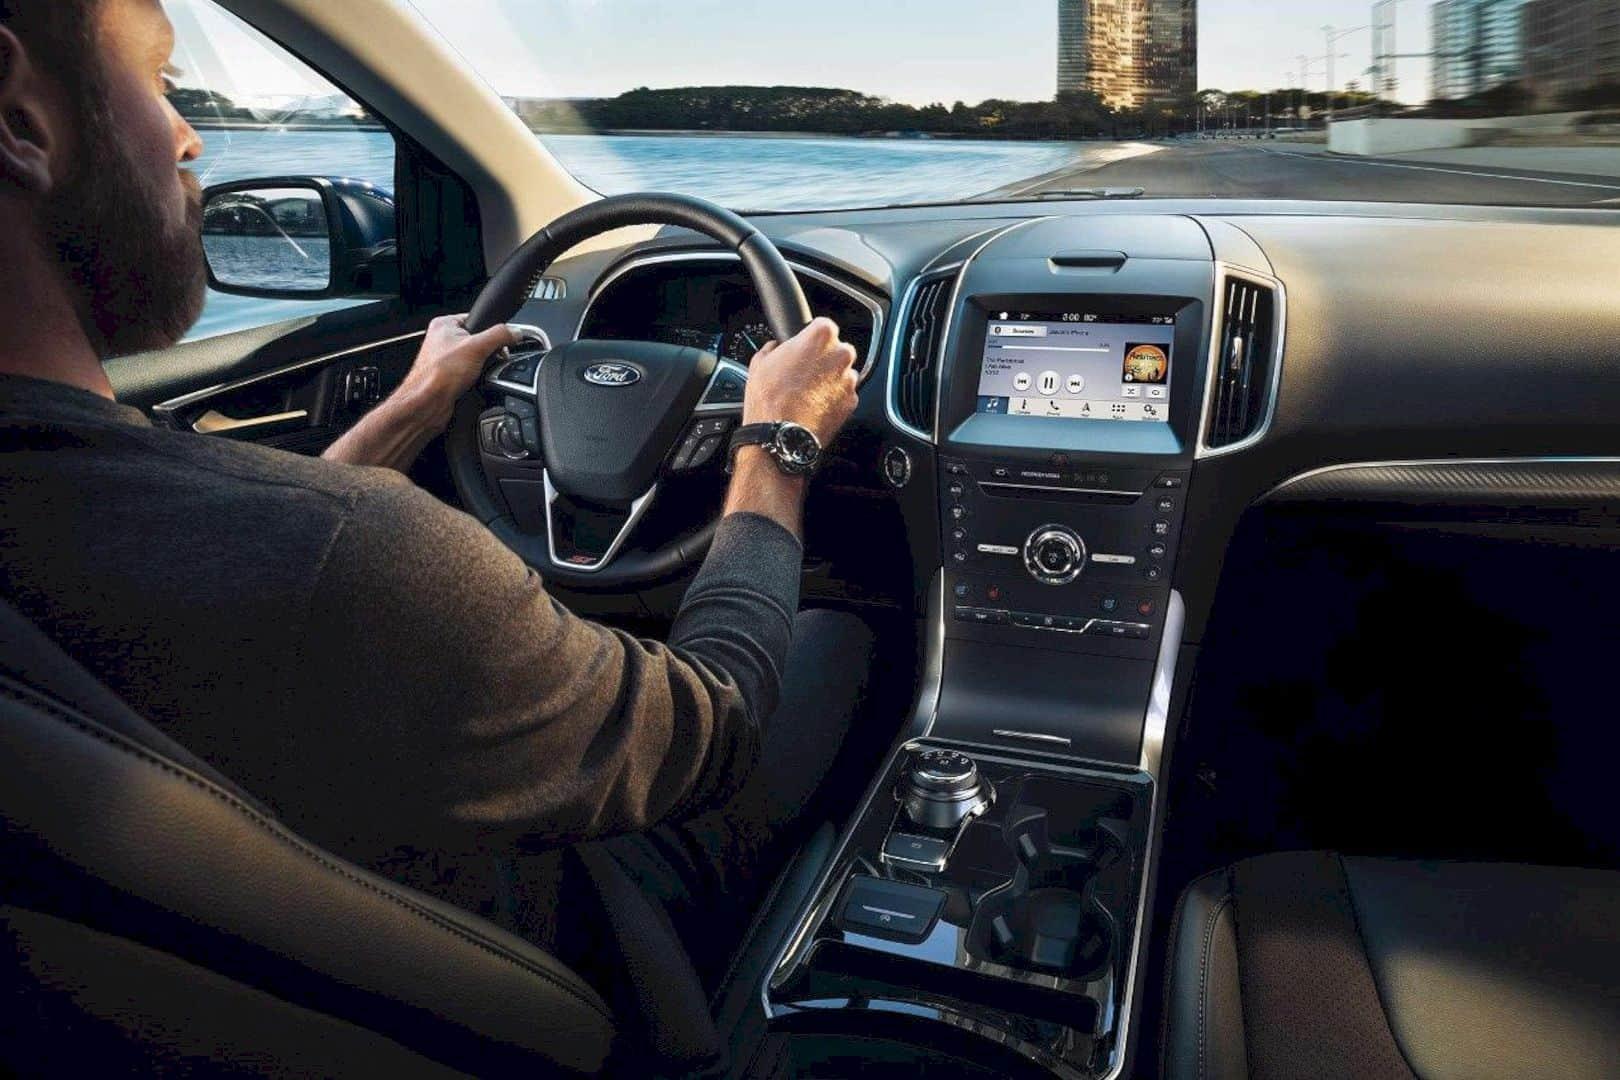 2019 Ford Edge 3